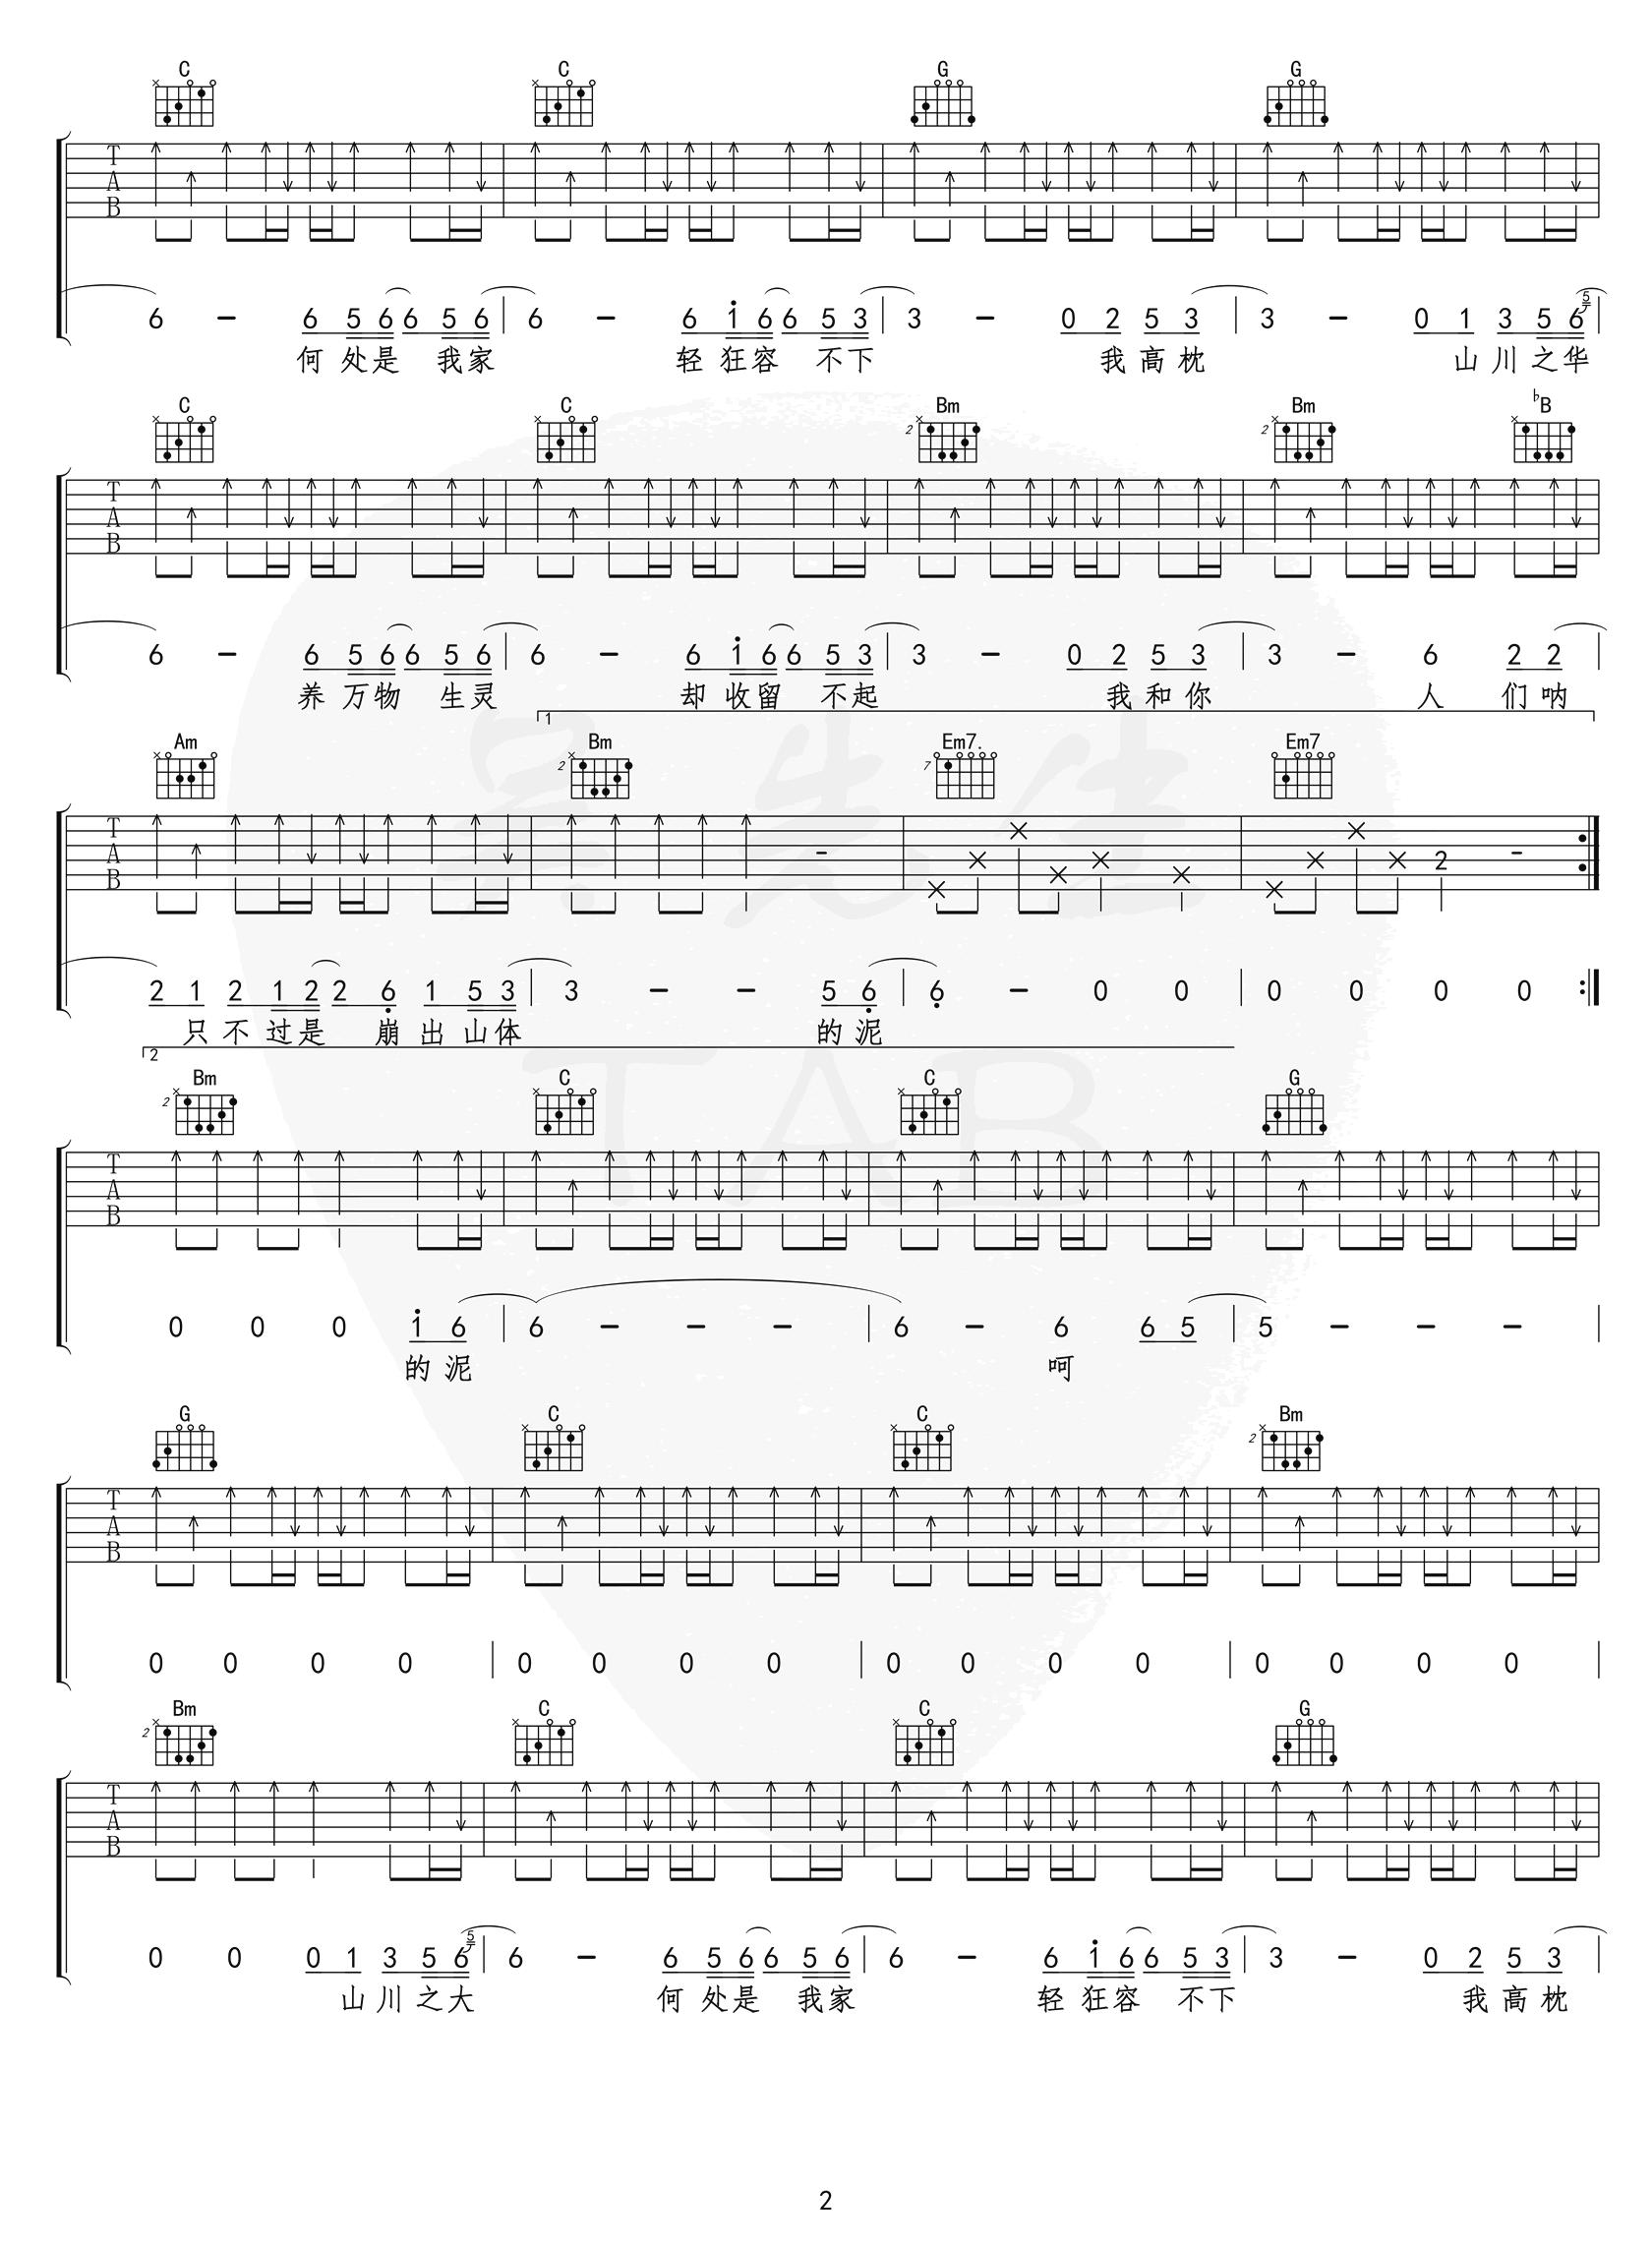 李荣浩-山川吉他谱 G调弹唱六线谱-2